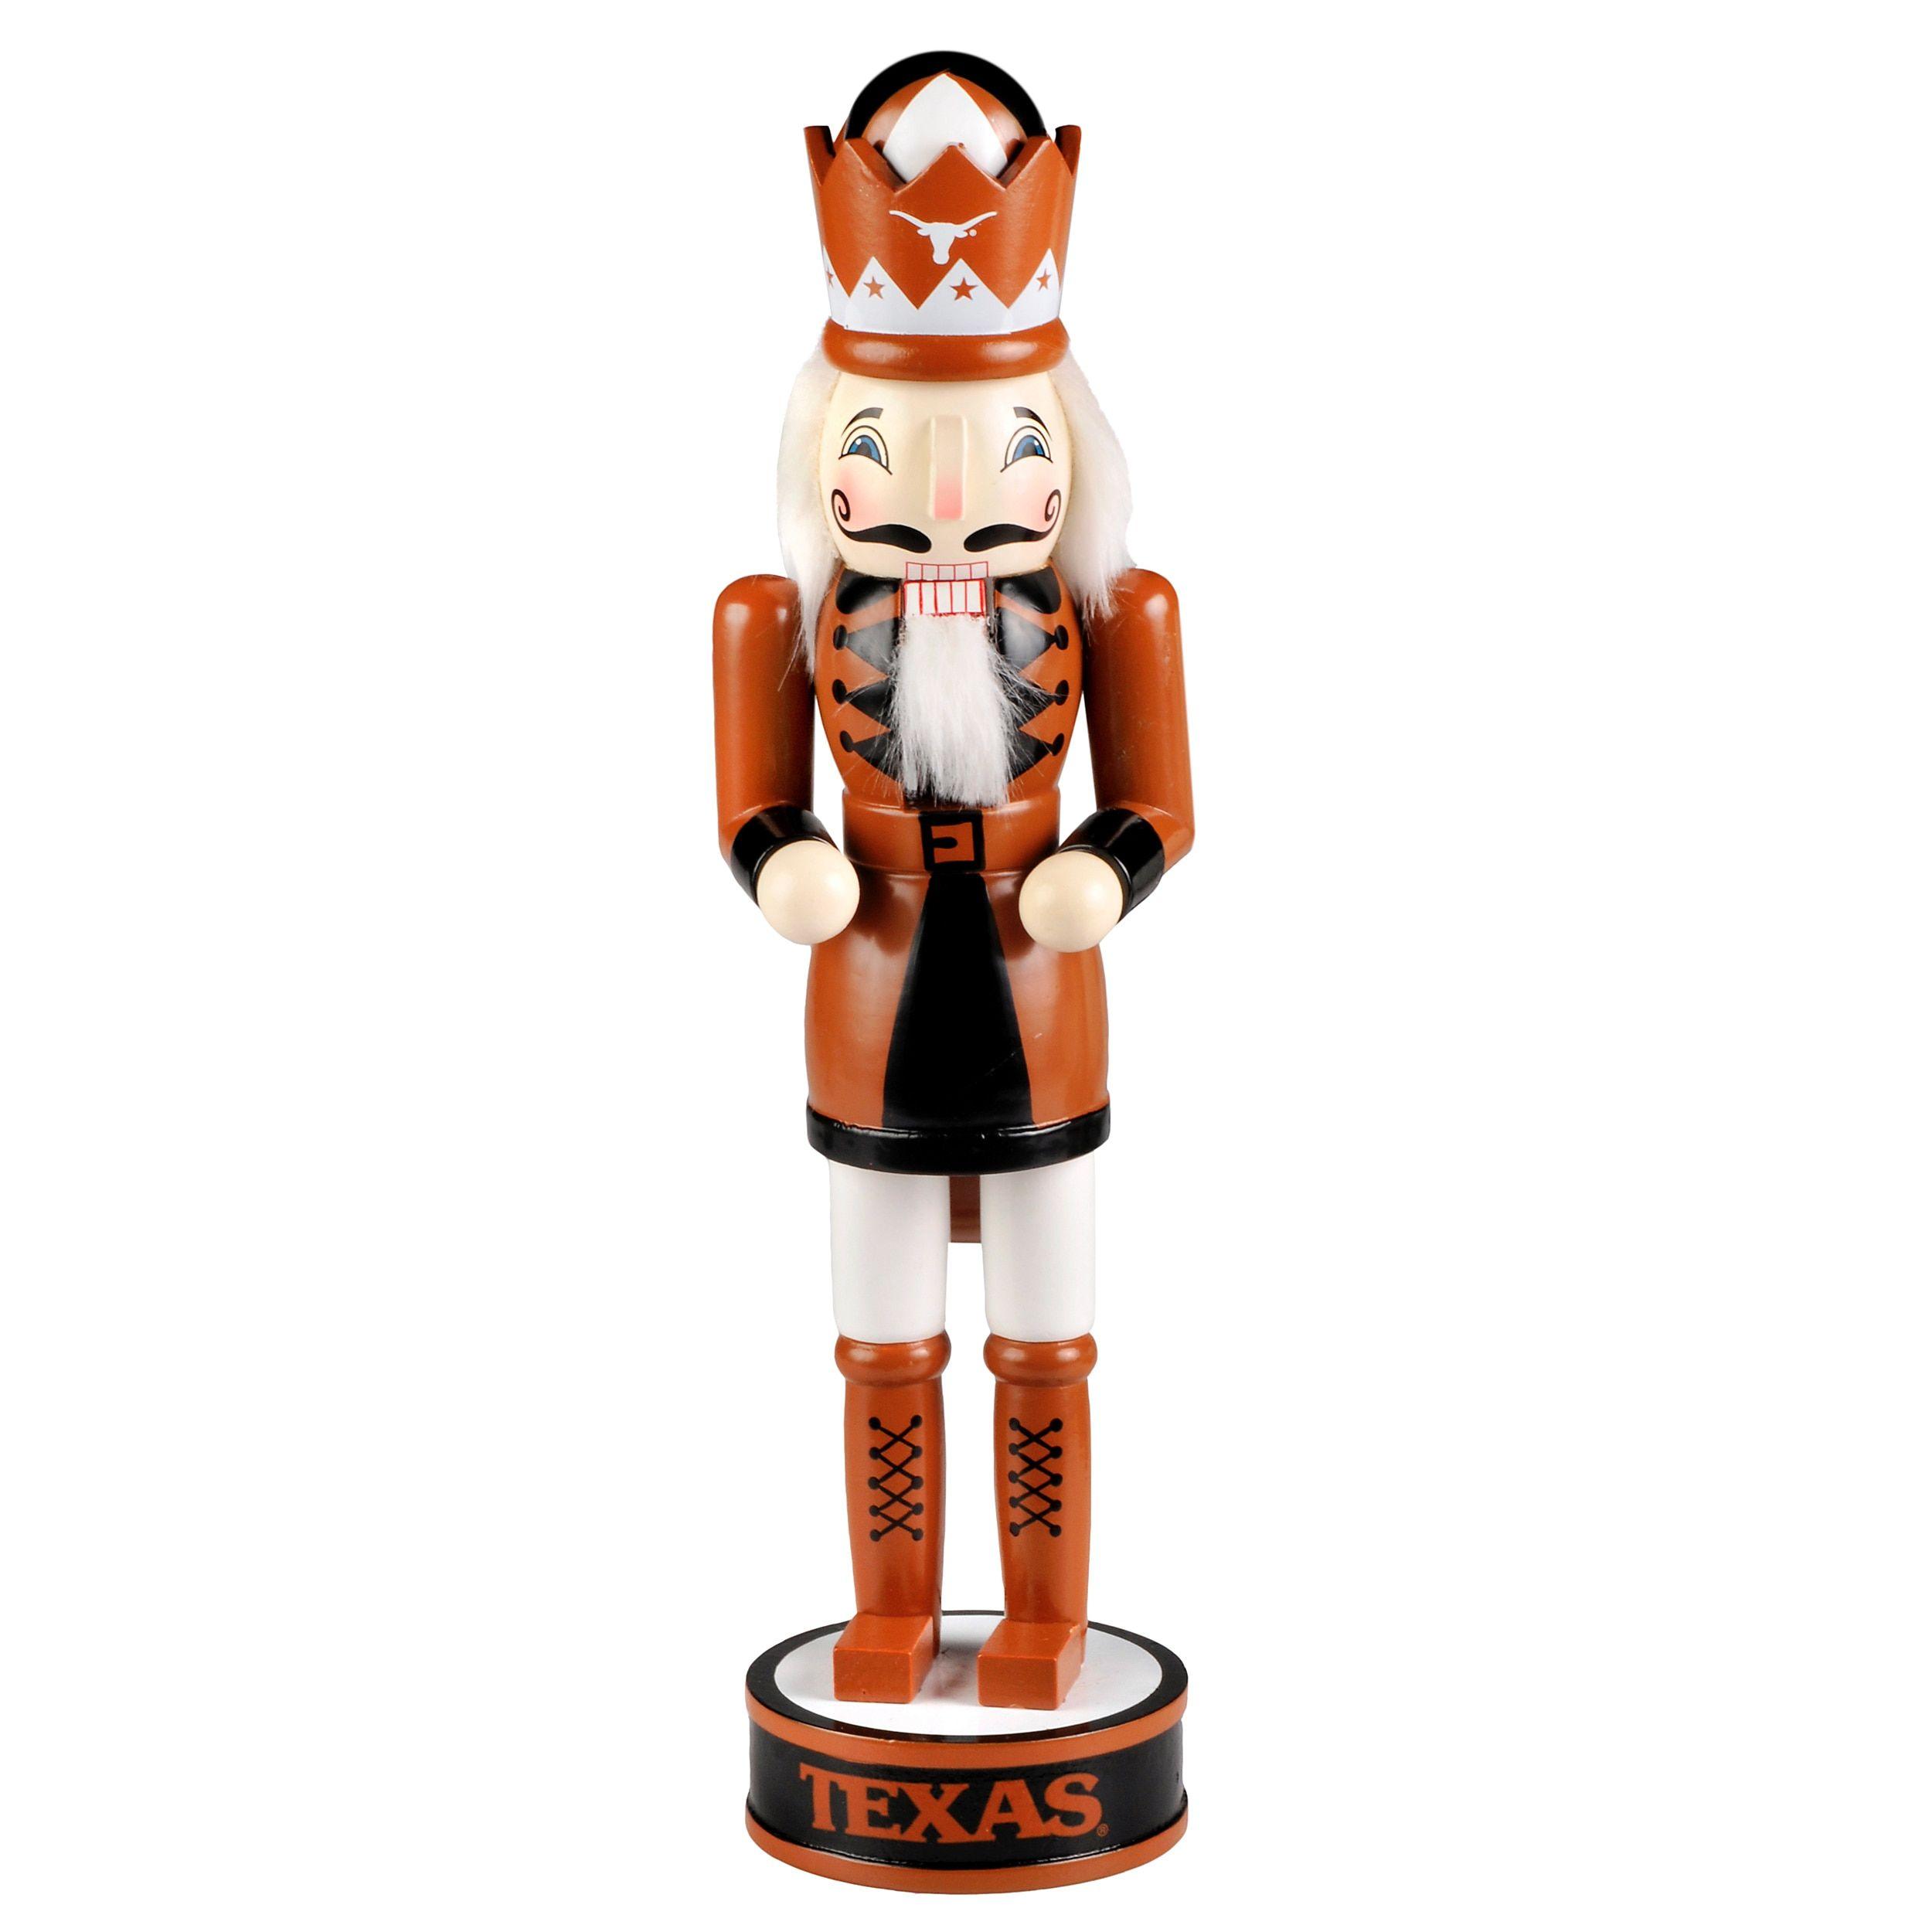 Forever Collectibles Texas Longhorns 14-inch Collectible Nutcracker